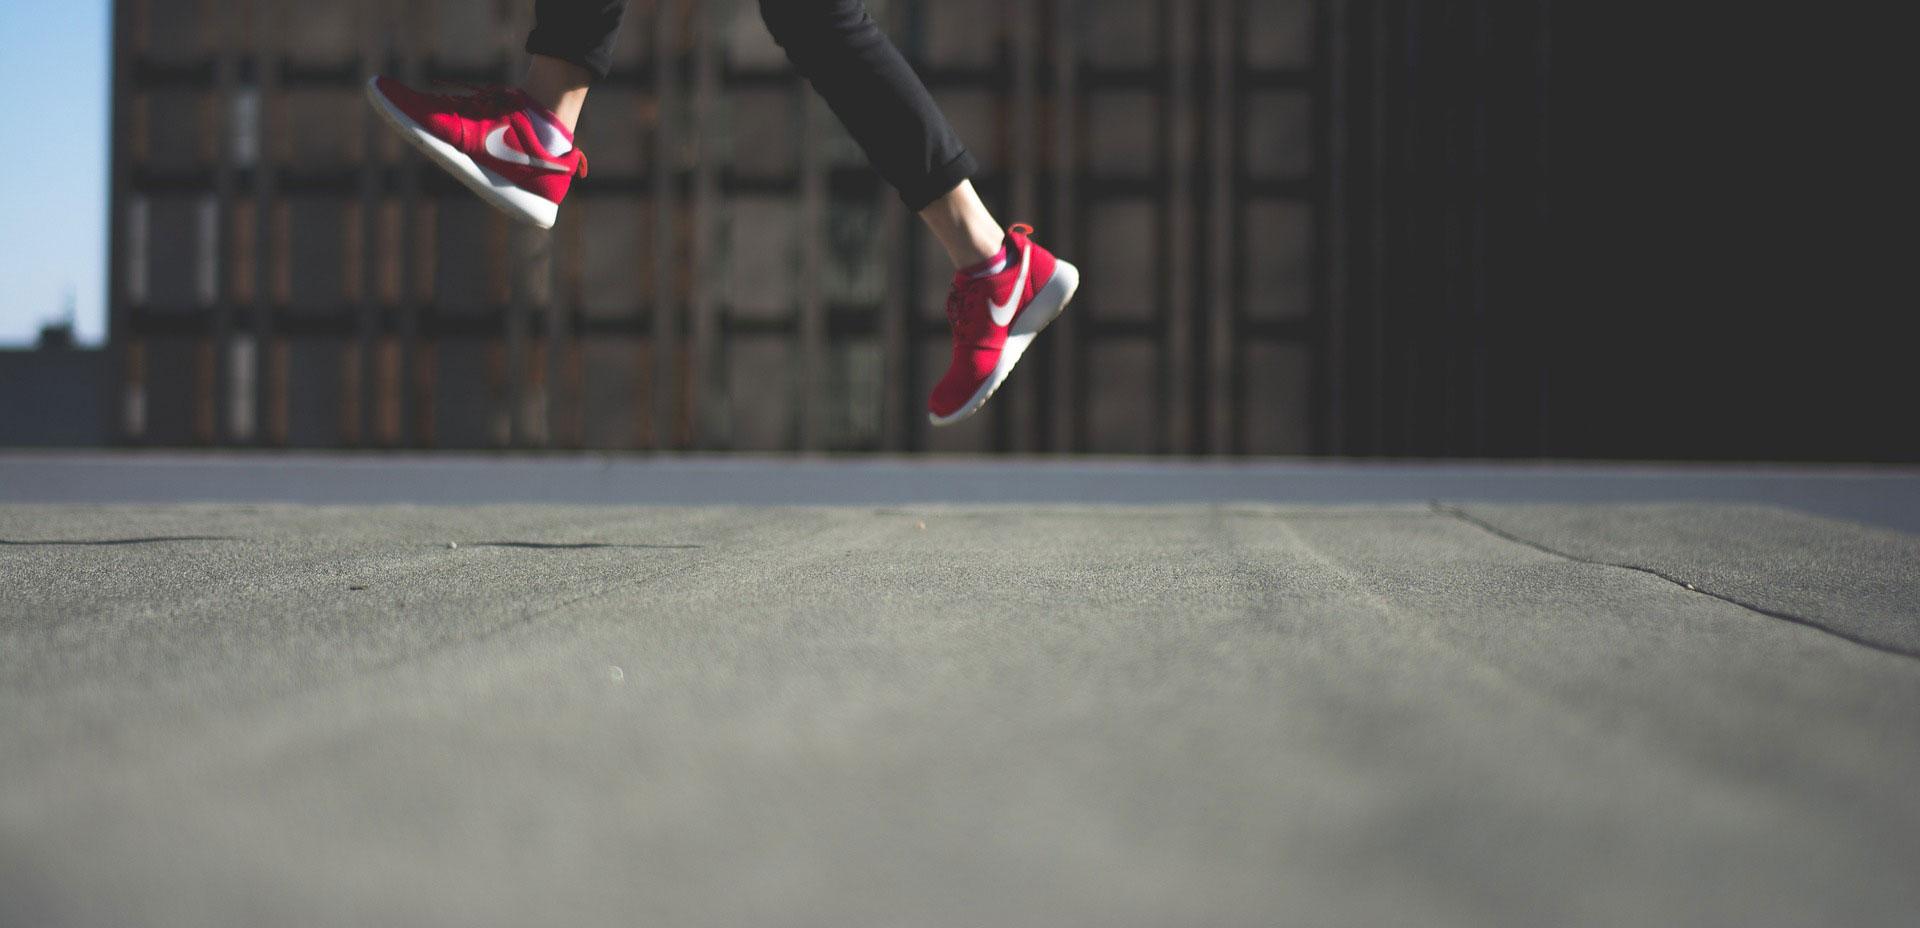 Frau hüpft mit roten Turnschuhen